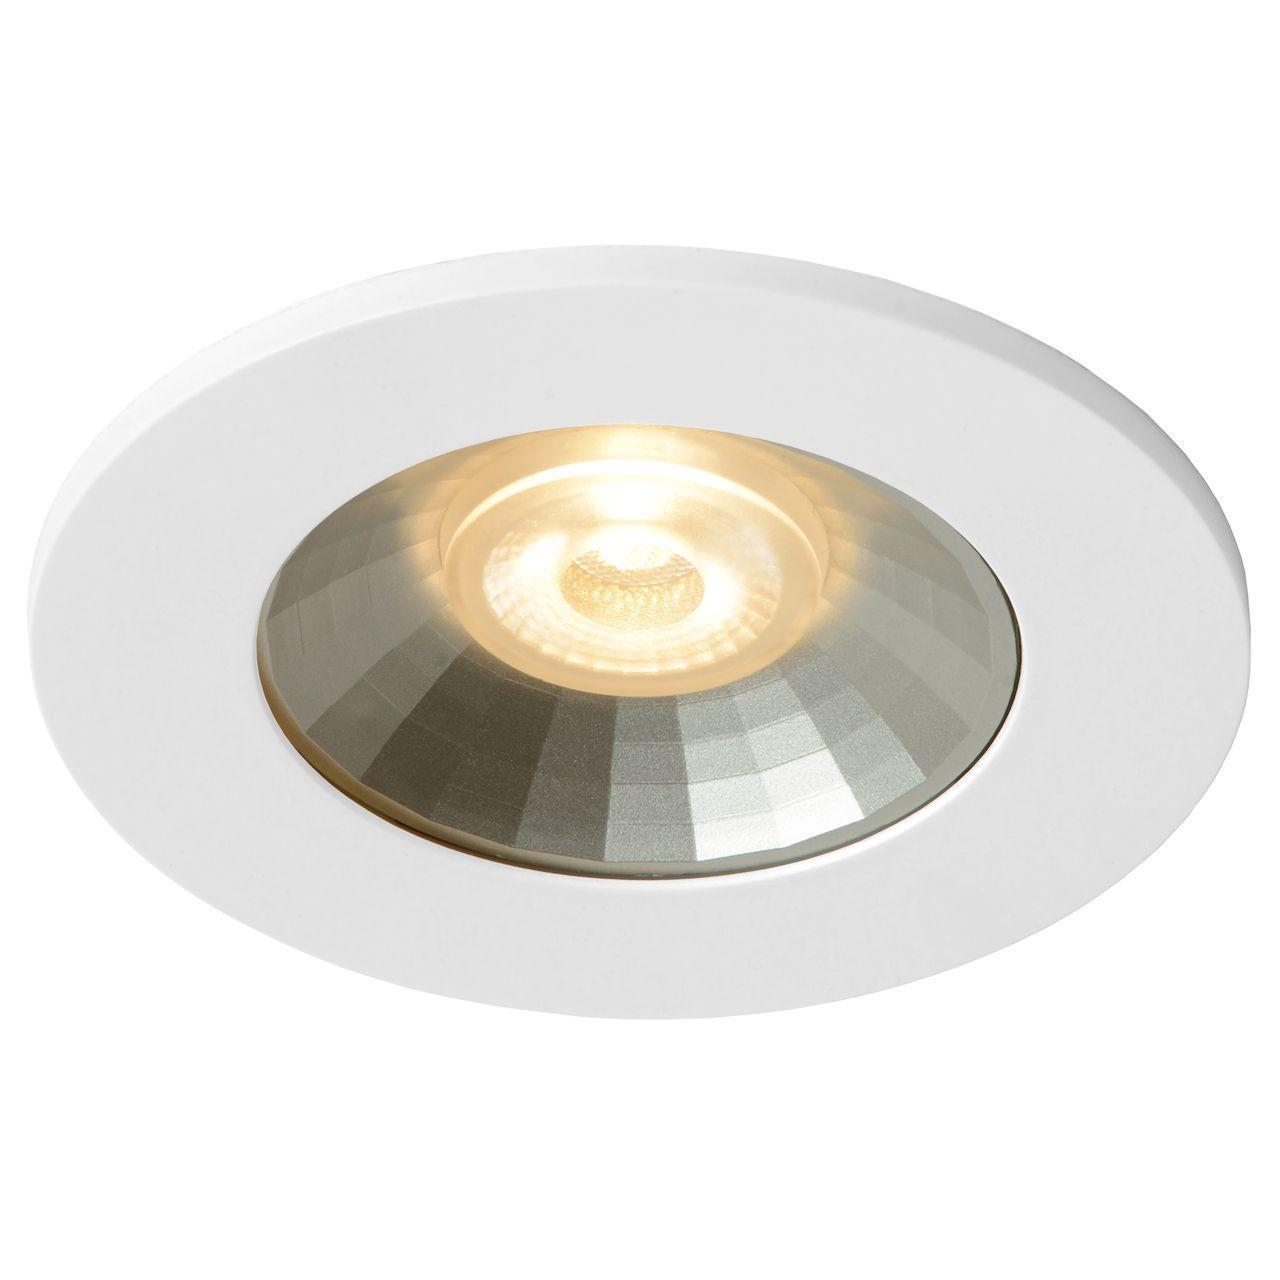 Встраиваемый светодиодный светильник Lucide Inky Led 22970/06/99